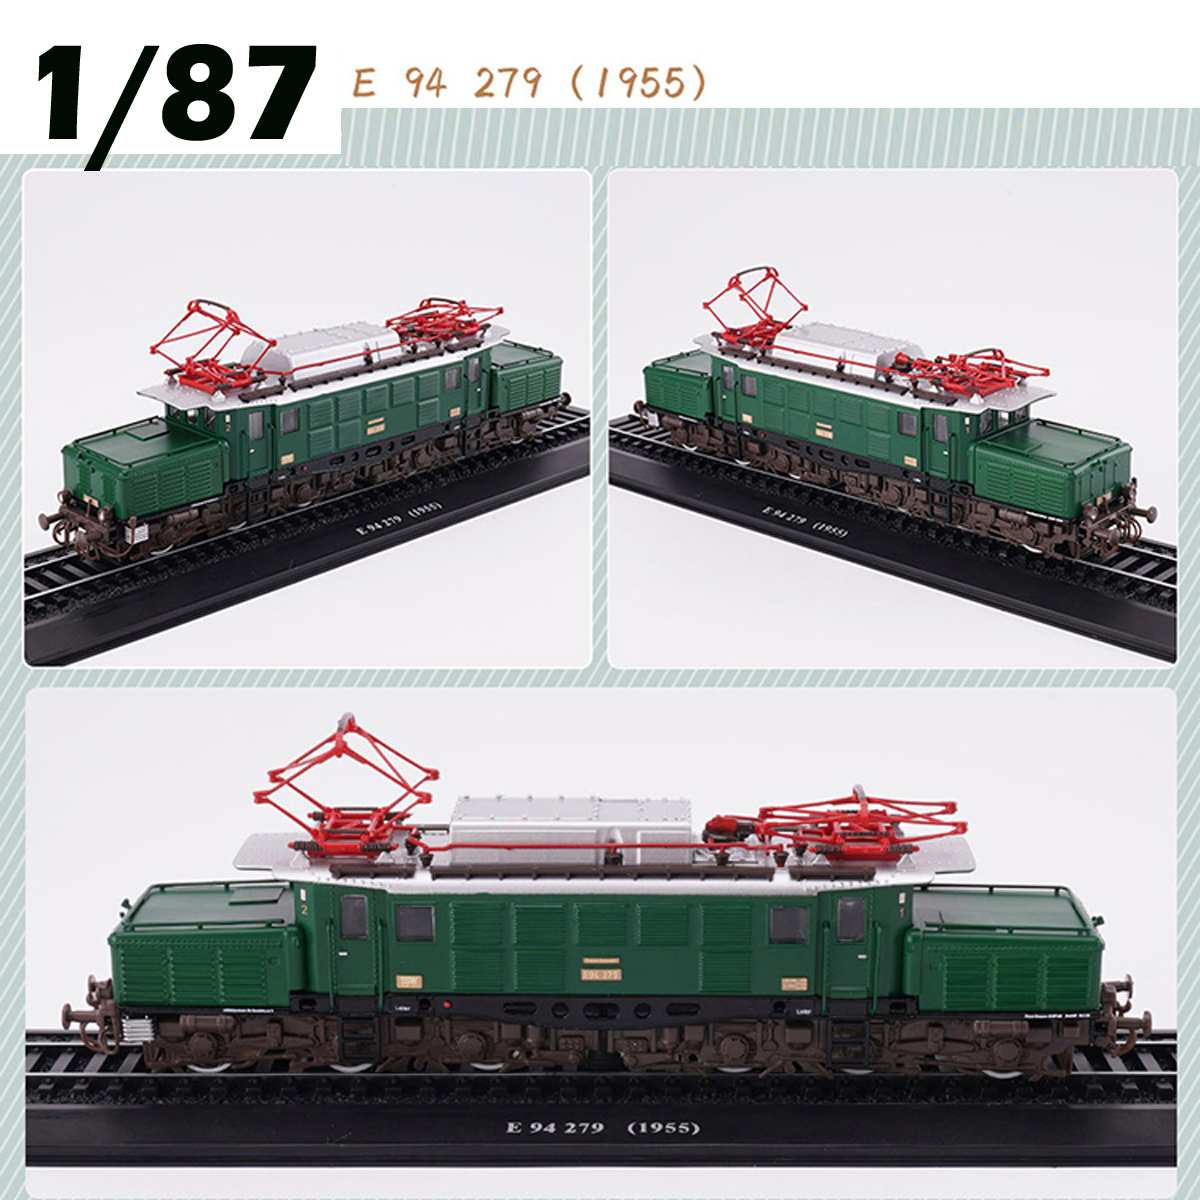 LBLA Retro Train Model Class 1:87 E 94 279 (1955) Retro Steam Diesel Locomotive Train Model Building Blocks Toys Child Gift